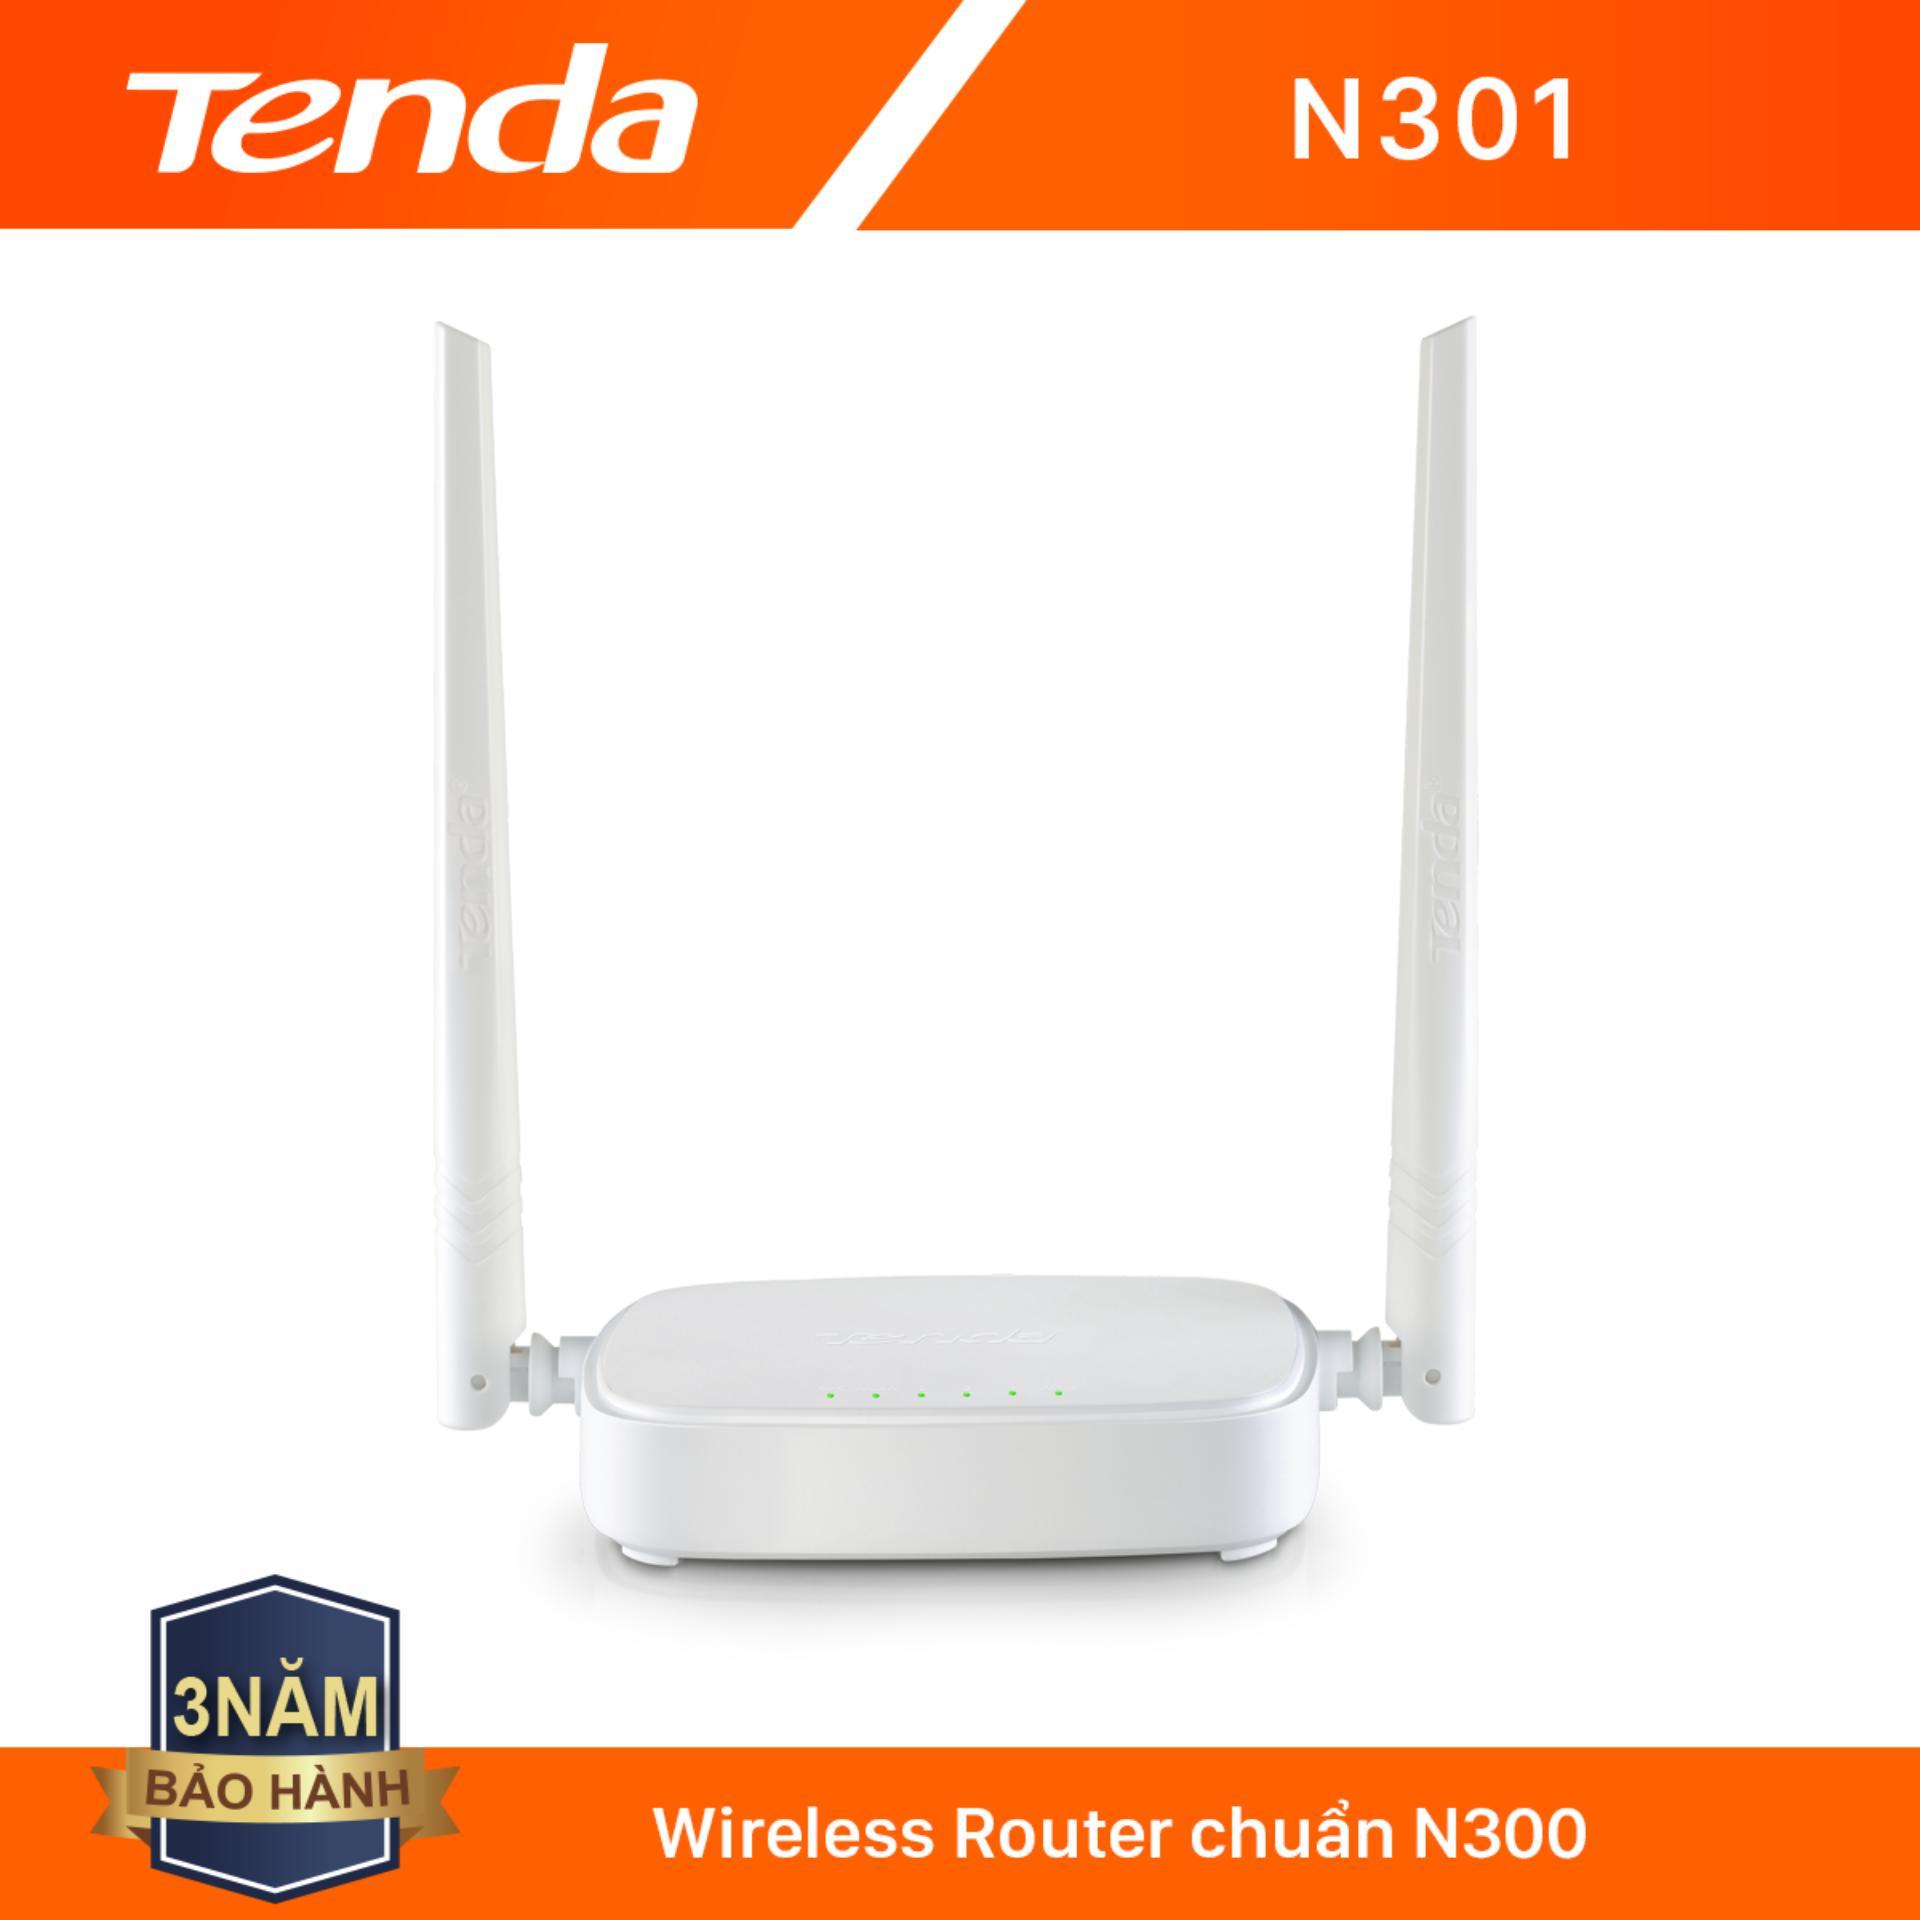 Giá Tenda Thiết bị phát Wifi N301 Chuẩn N 300Mbps - Hãng phân phối chính thức